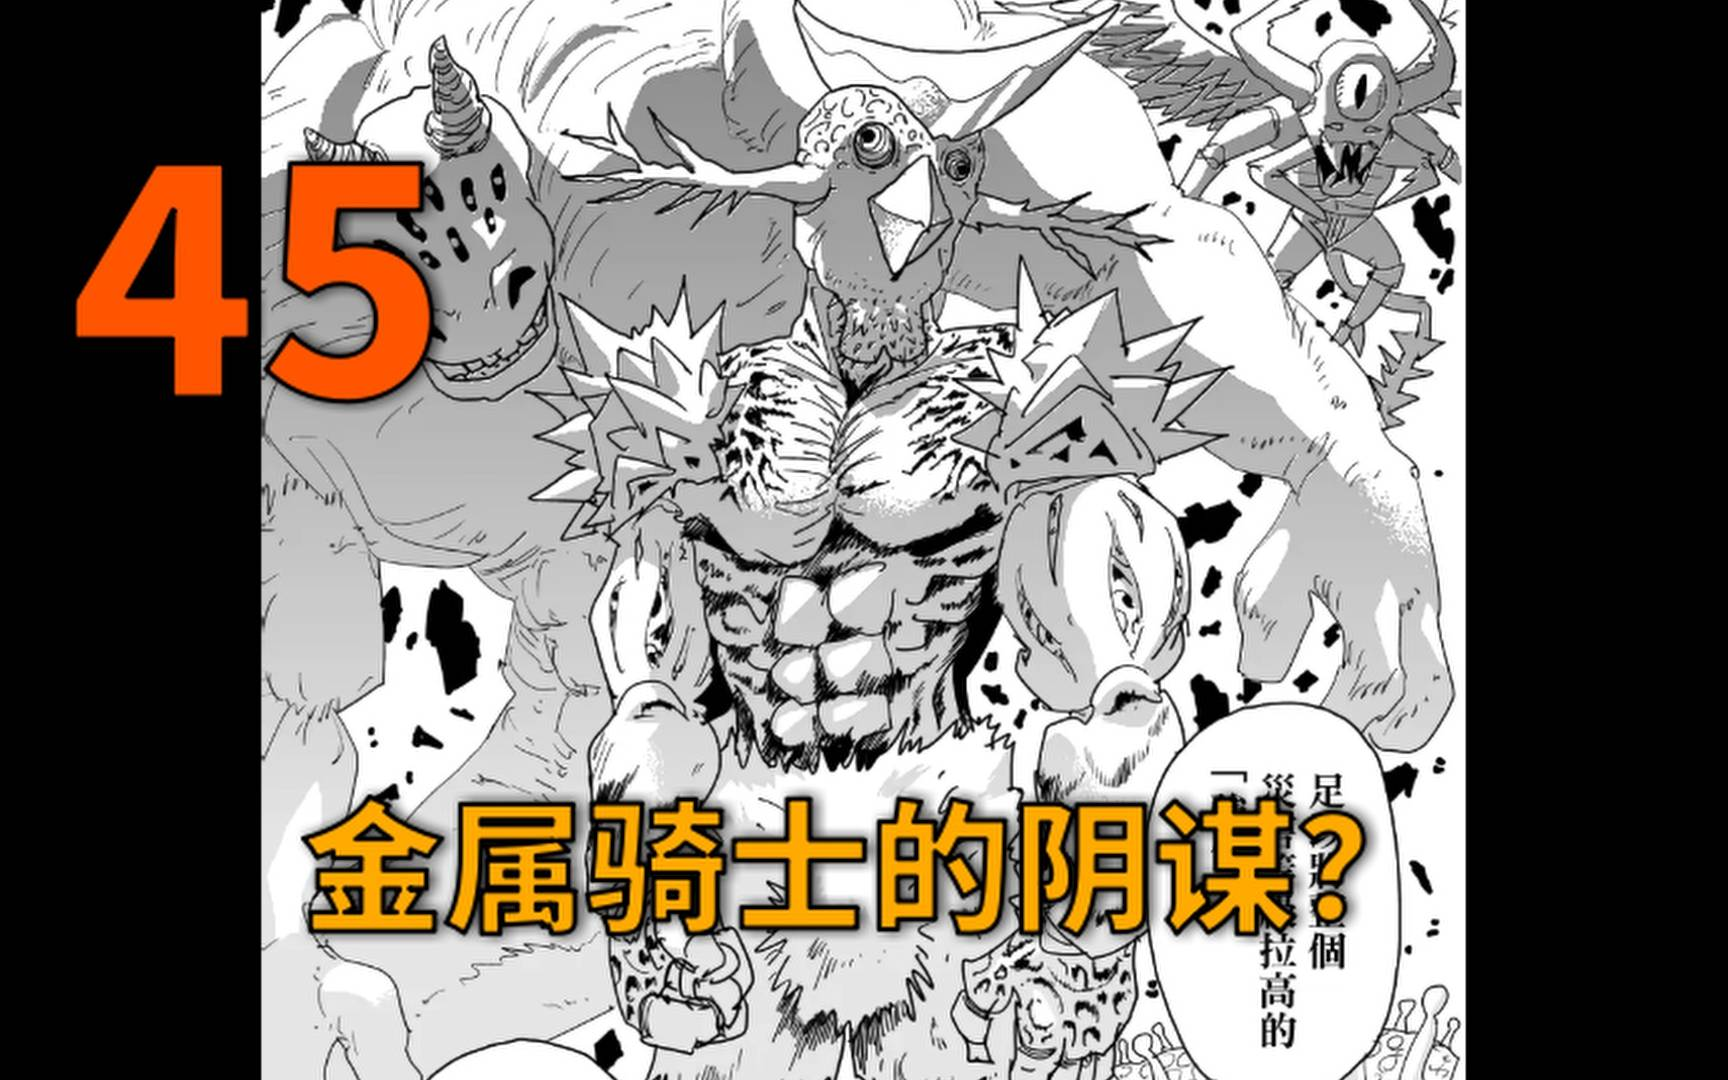 """(一拳超人)""""改造怪人""""登场 neo英雄比埼玉的速度还快?巨大的阴谋显现"""